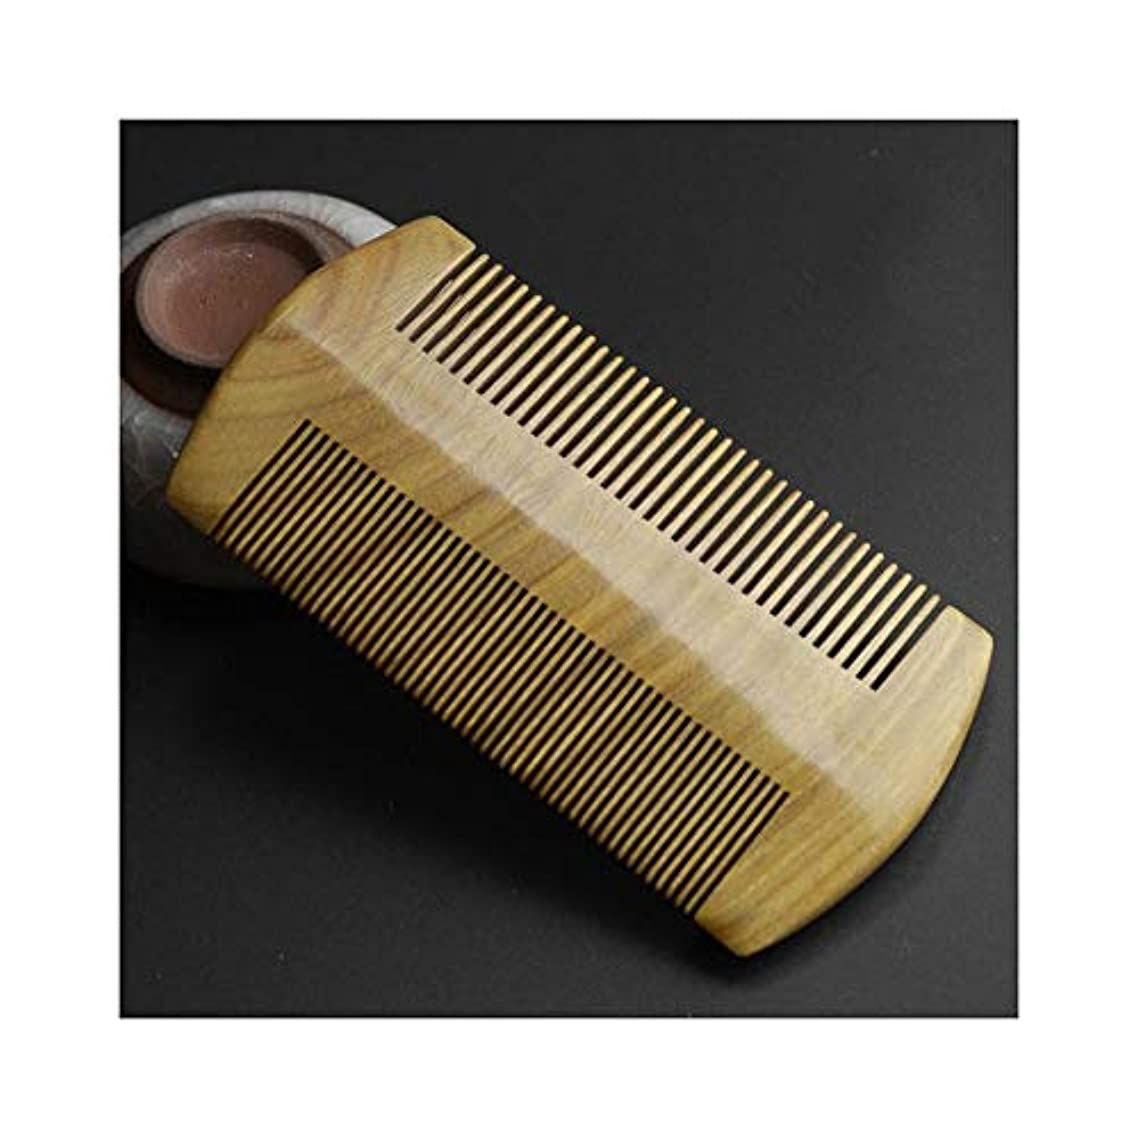 揮発性非効率的ななだめるWASAIO 両面木製のくしメンズビアードカーリーストレートヘアブラシブラシ手作り抗静的グリーンサンダルウッドマッサージ (色 : オレンジ)